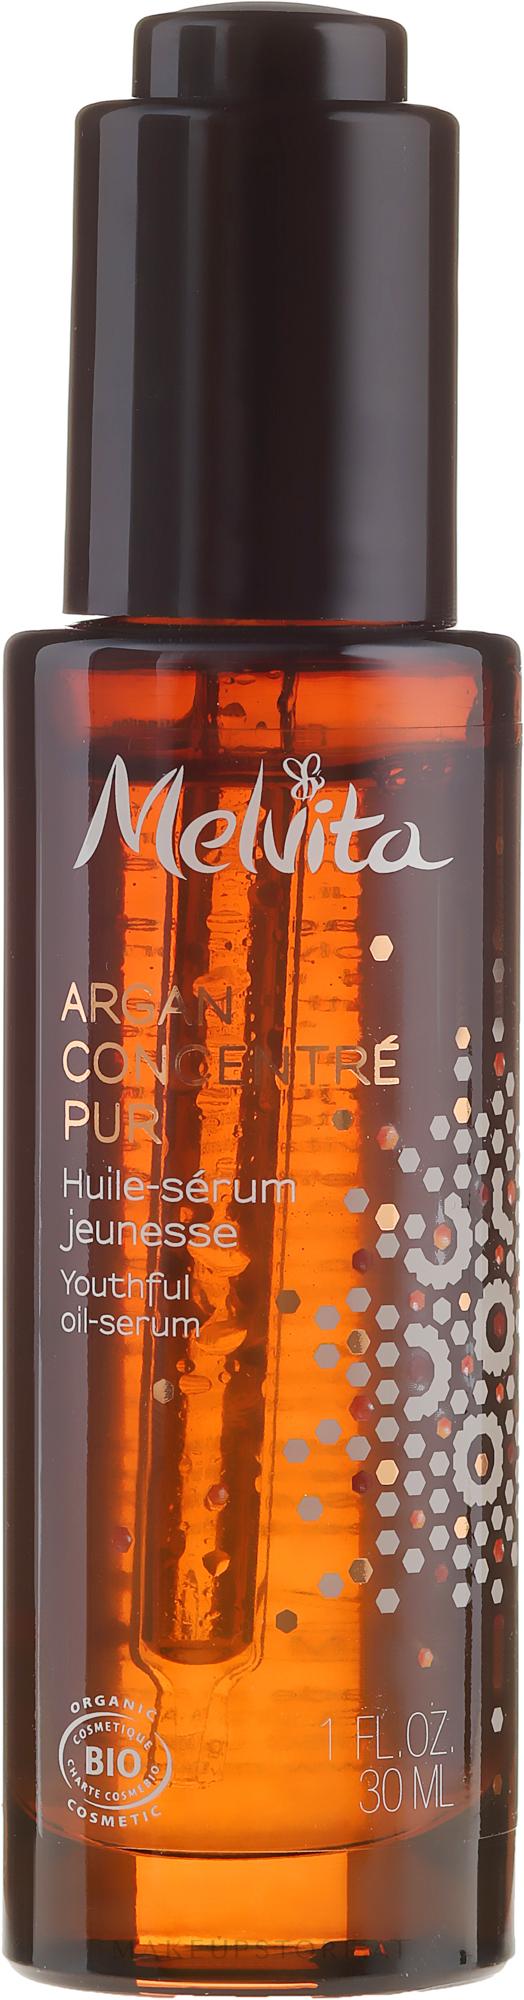 Intensiv nährendes verjüngendes Gesichtsserum-Öl mit Arganöl - Melvita Argan Concentrate Pur Youthful Oil-Serum — Bild 30 ml